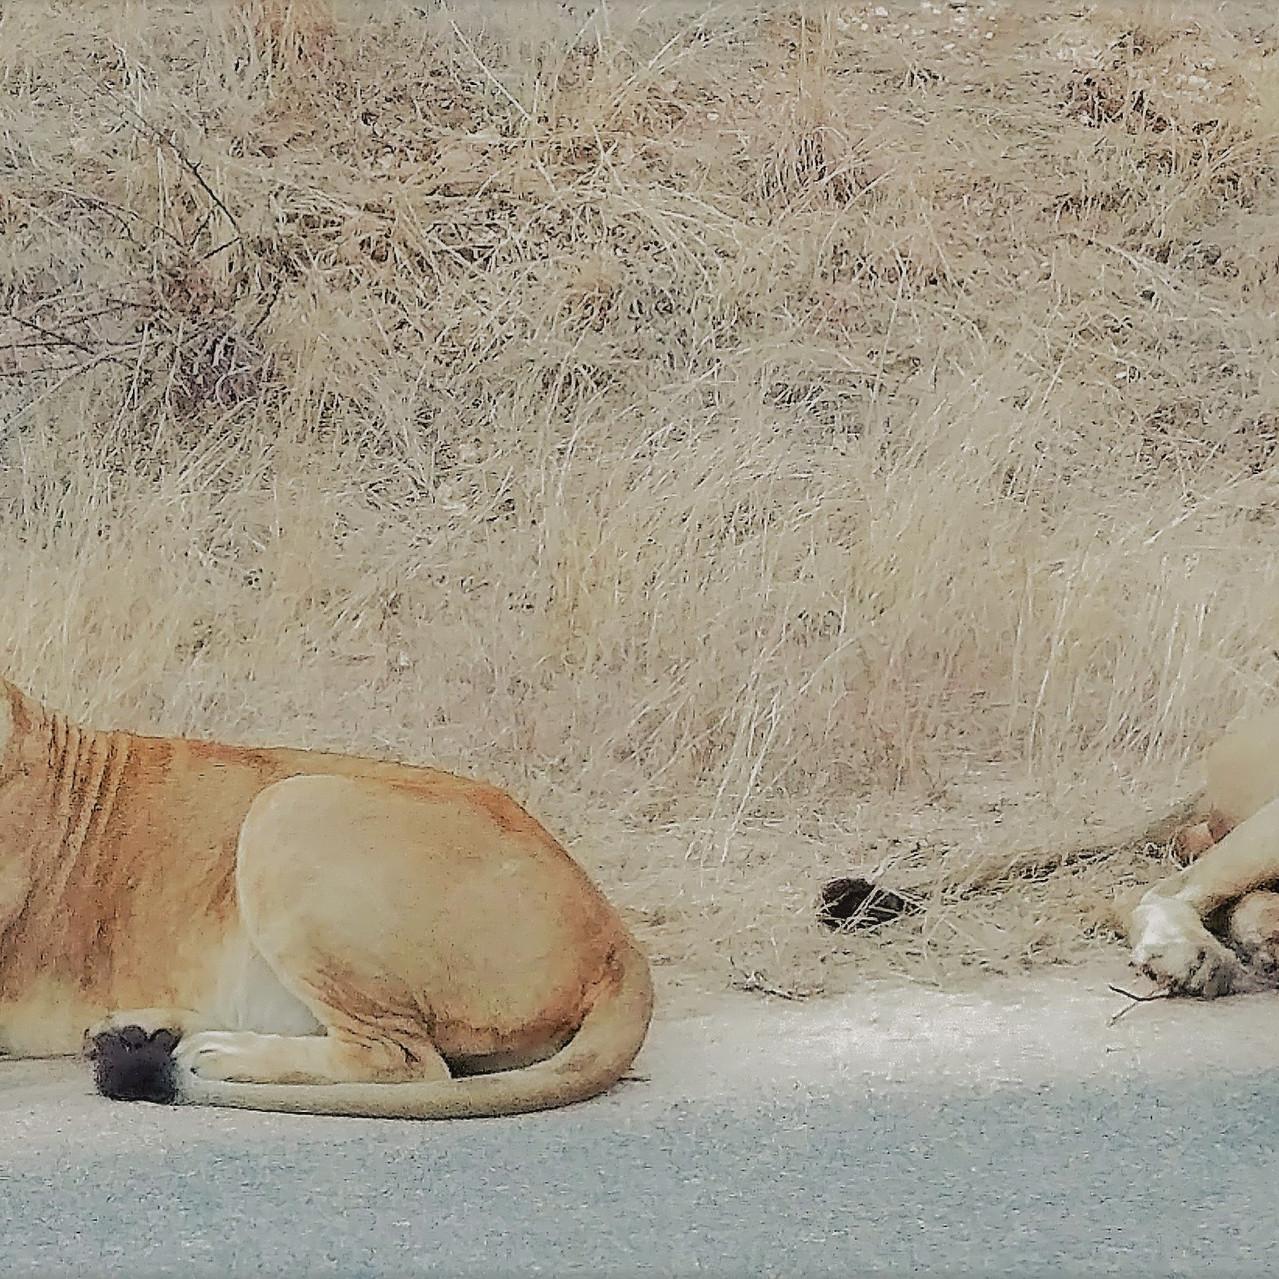 Lions - Kruger